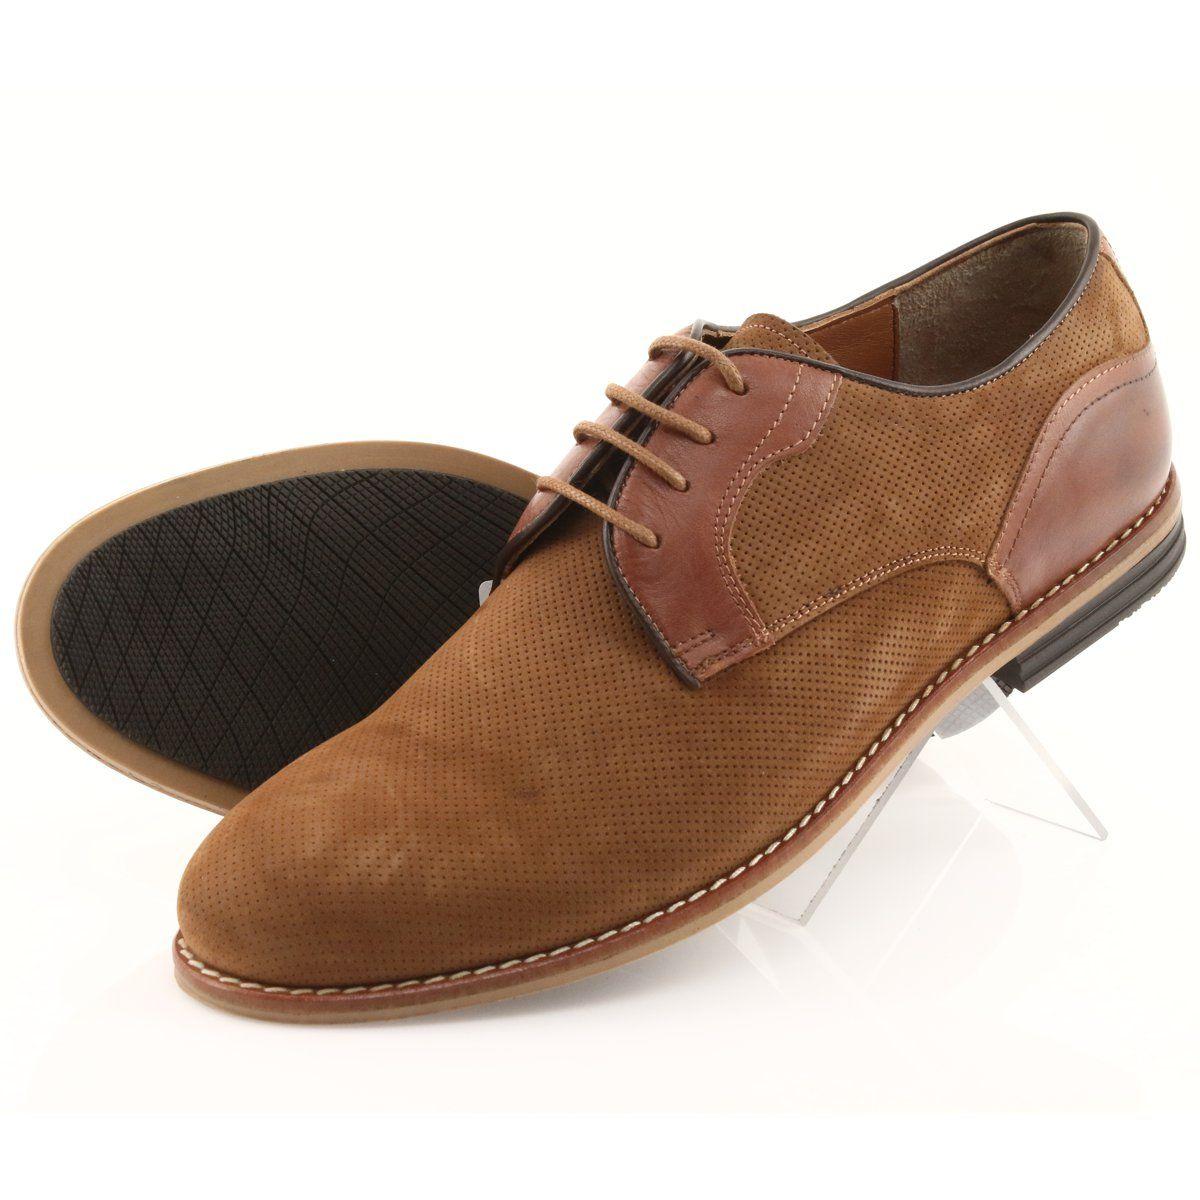 Polbuty Meskie Badura 3687 Brazowe Dress Shoes Men Dress Shoes Oxford Shoes